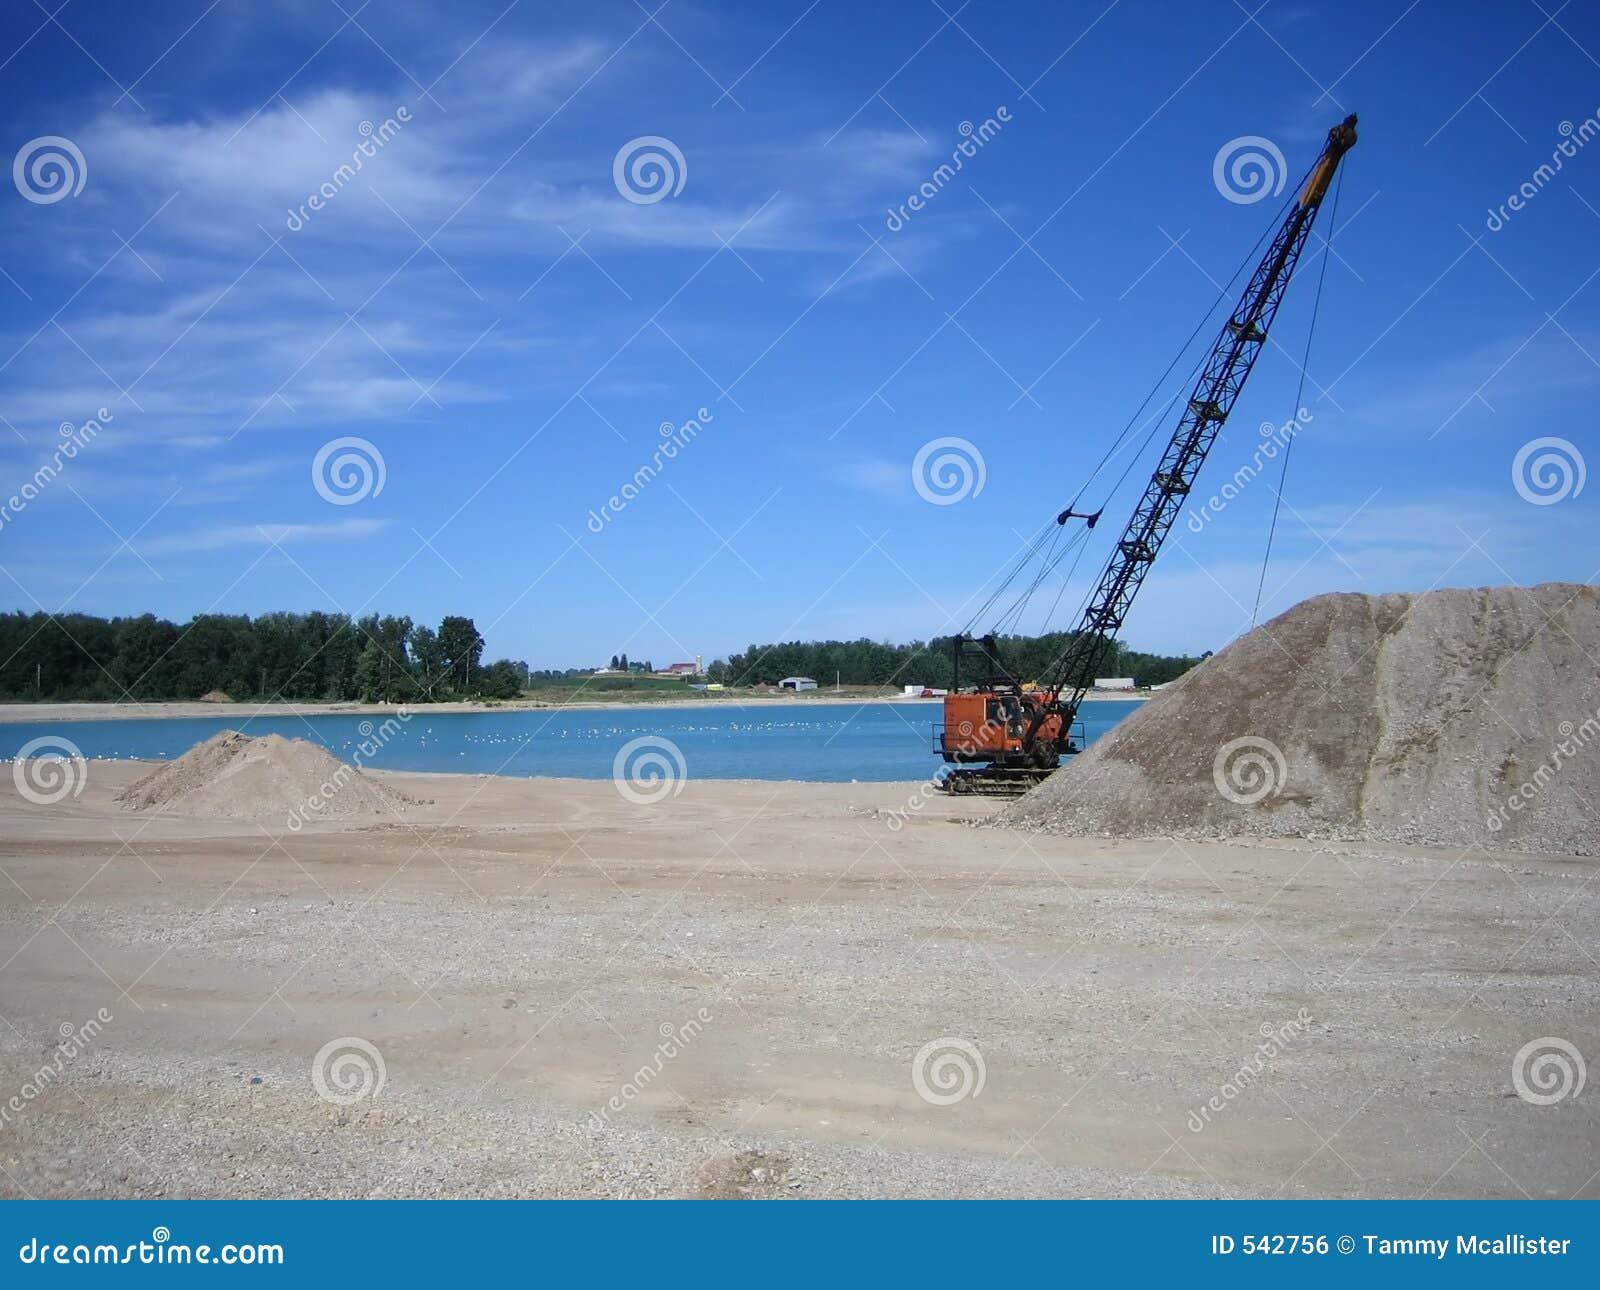 Download 牵引索采石坑 库存照片. 图片 包括有 环境, belton, 微粒, 岩石, 池塘, 沙子, 放射, 建筑 - 542756